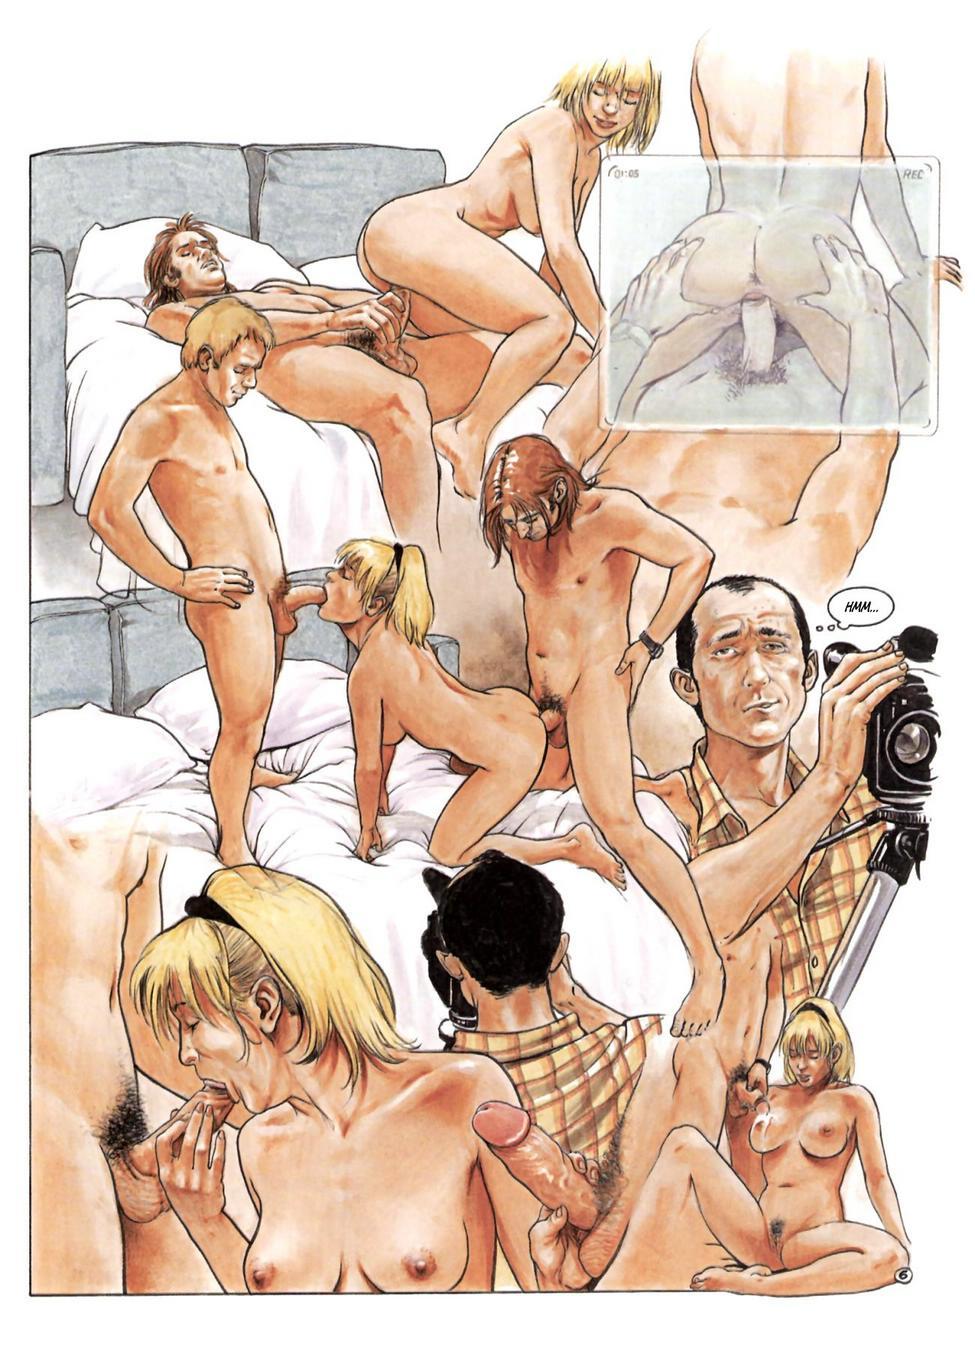 deidre hall nude photos